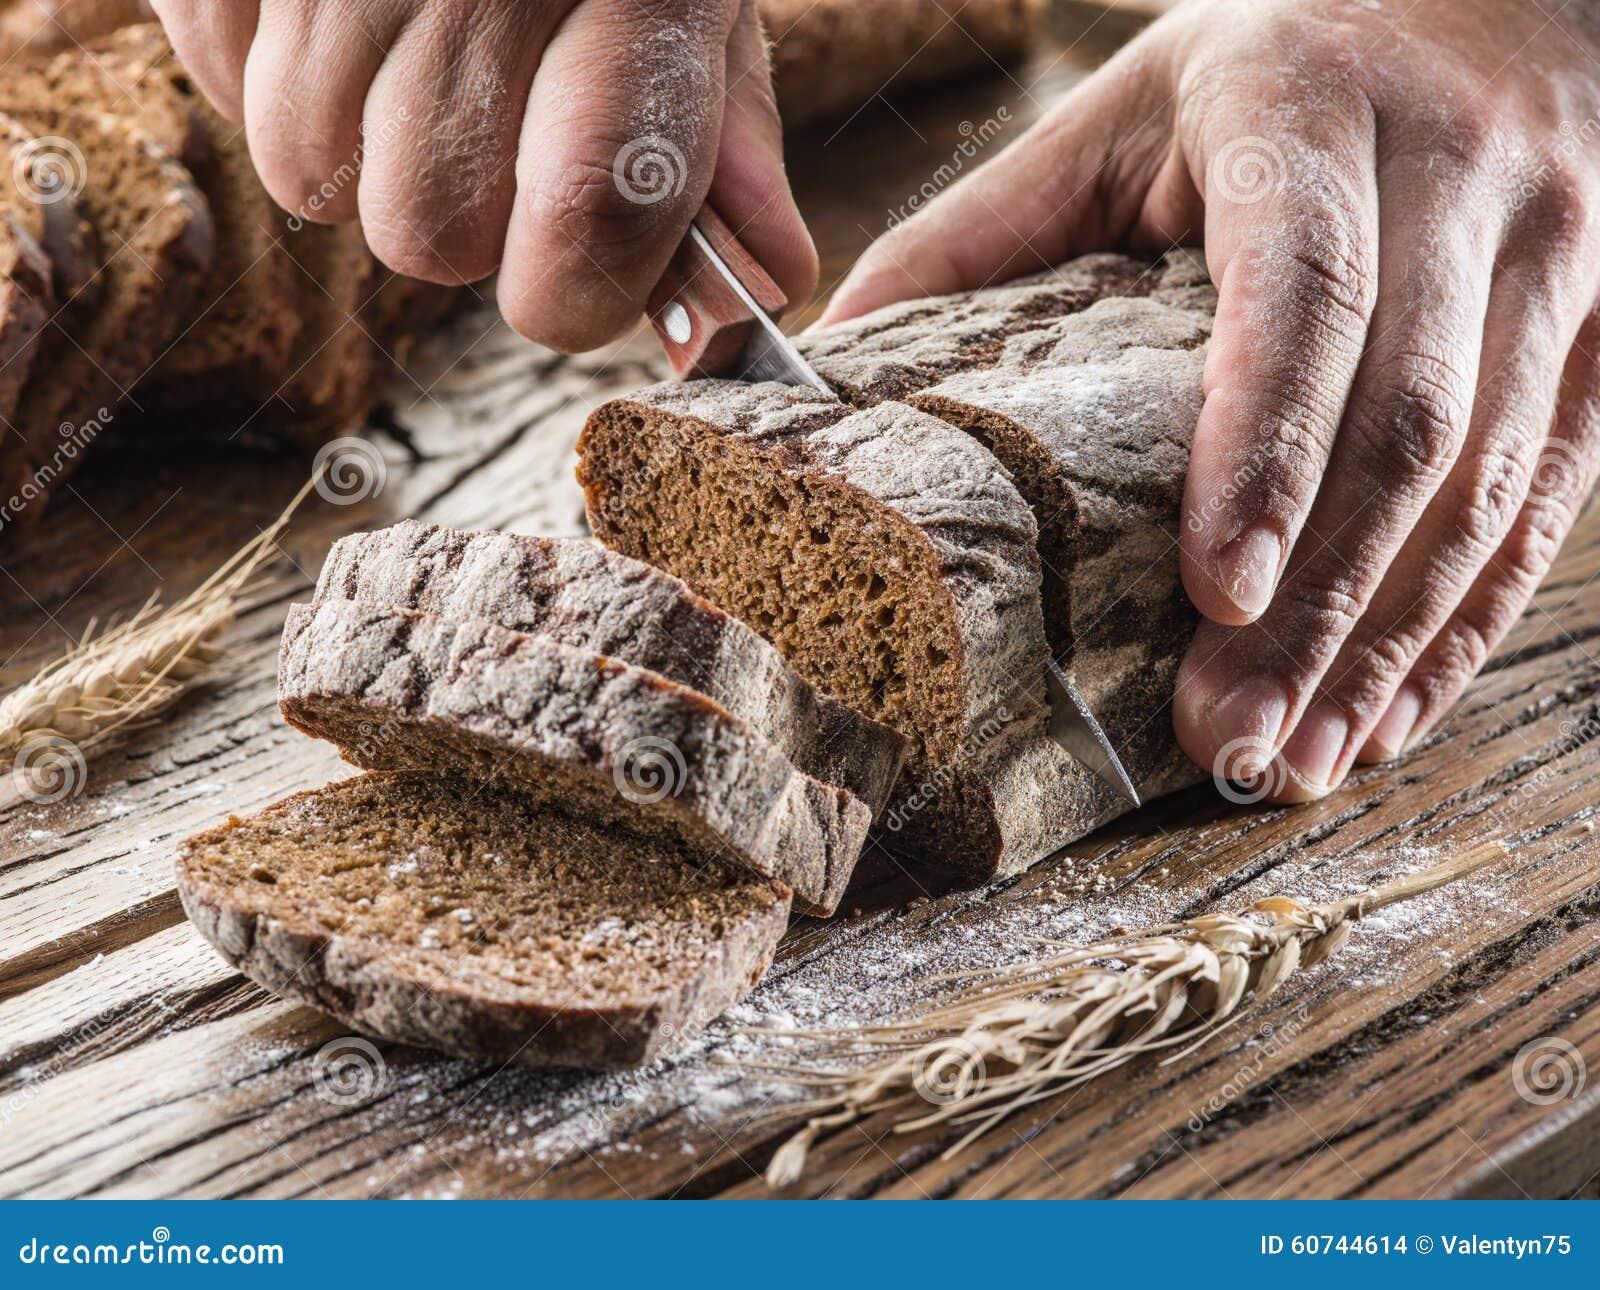 切了手的照片_切面包的人的手 库存照片 - 图片: 60744614